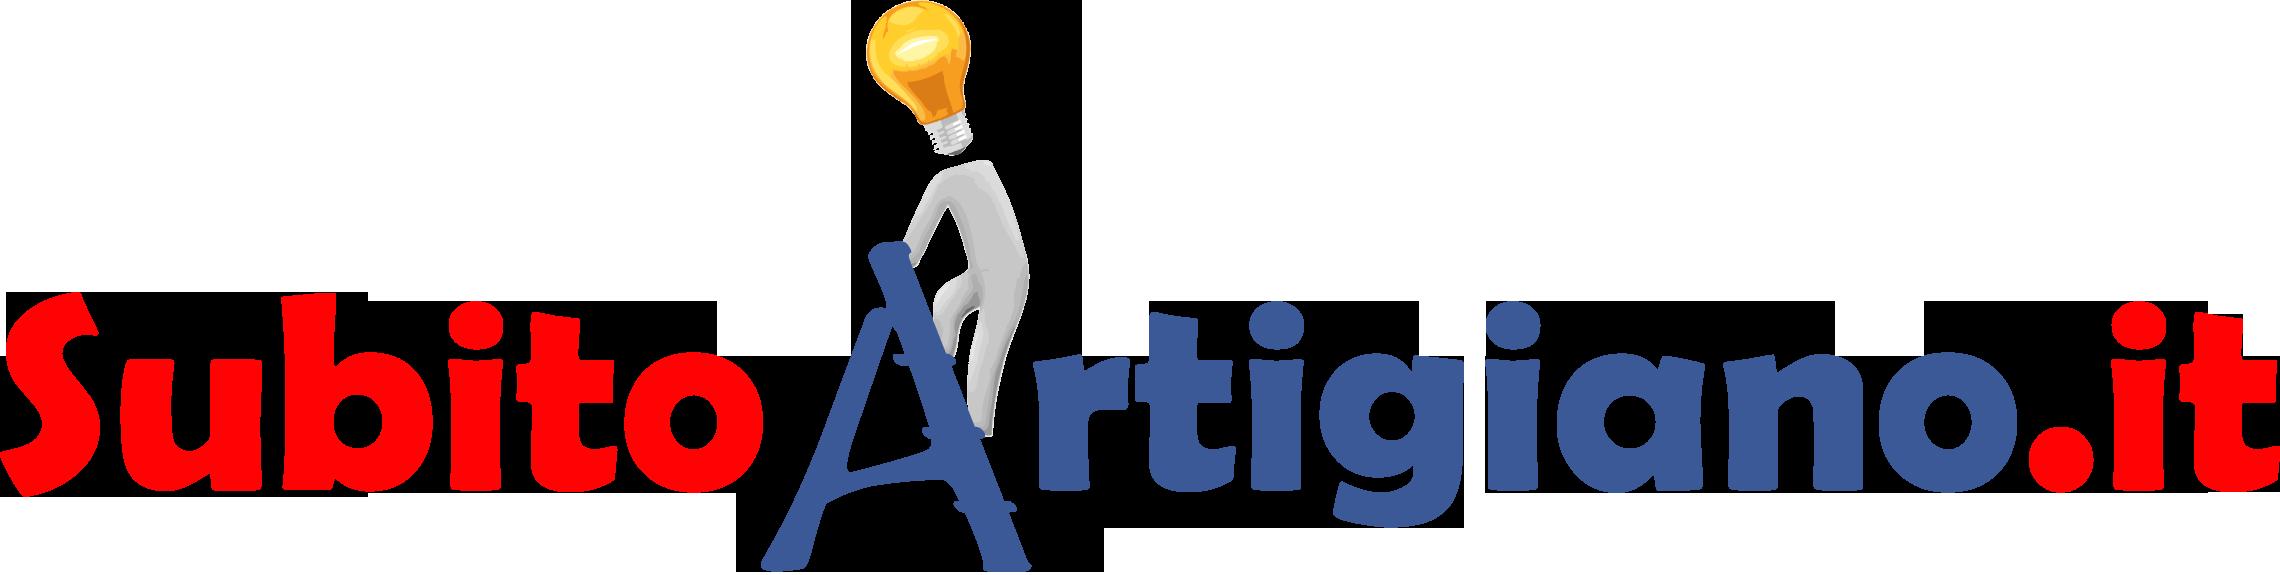 SubitoArtigiano.it - Cerca e Offri Artigiani, Lavori Occasionali